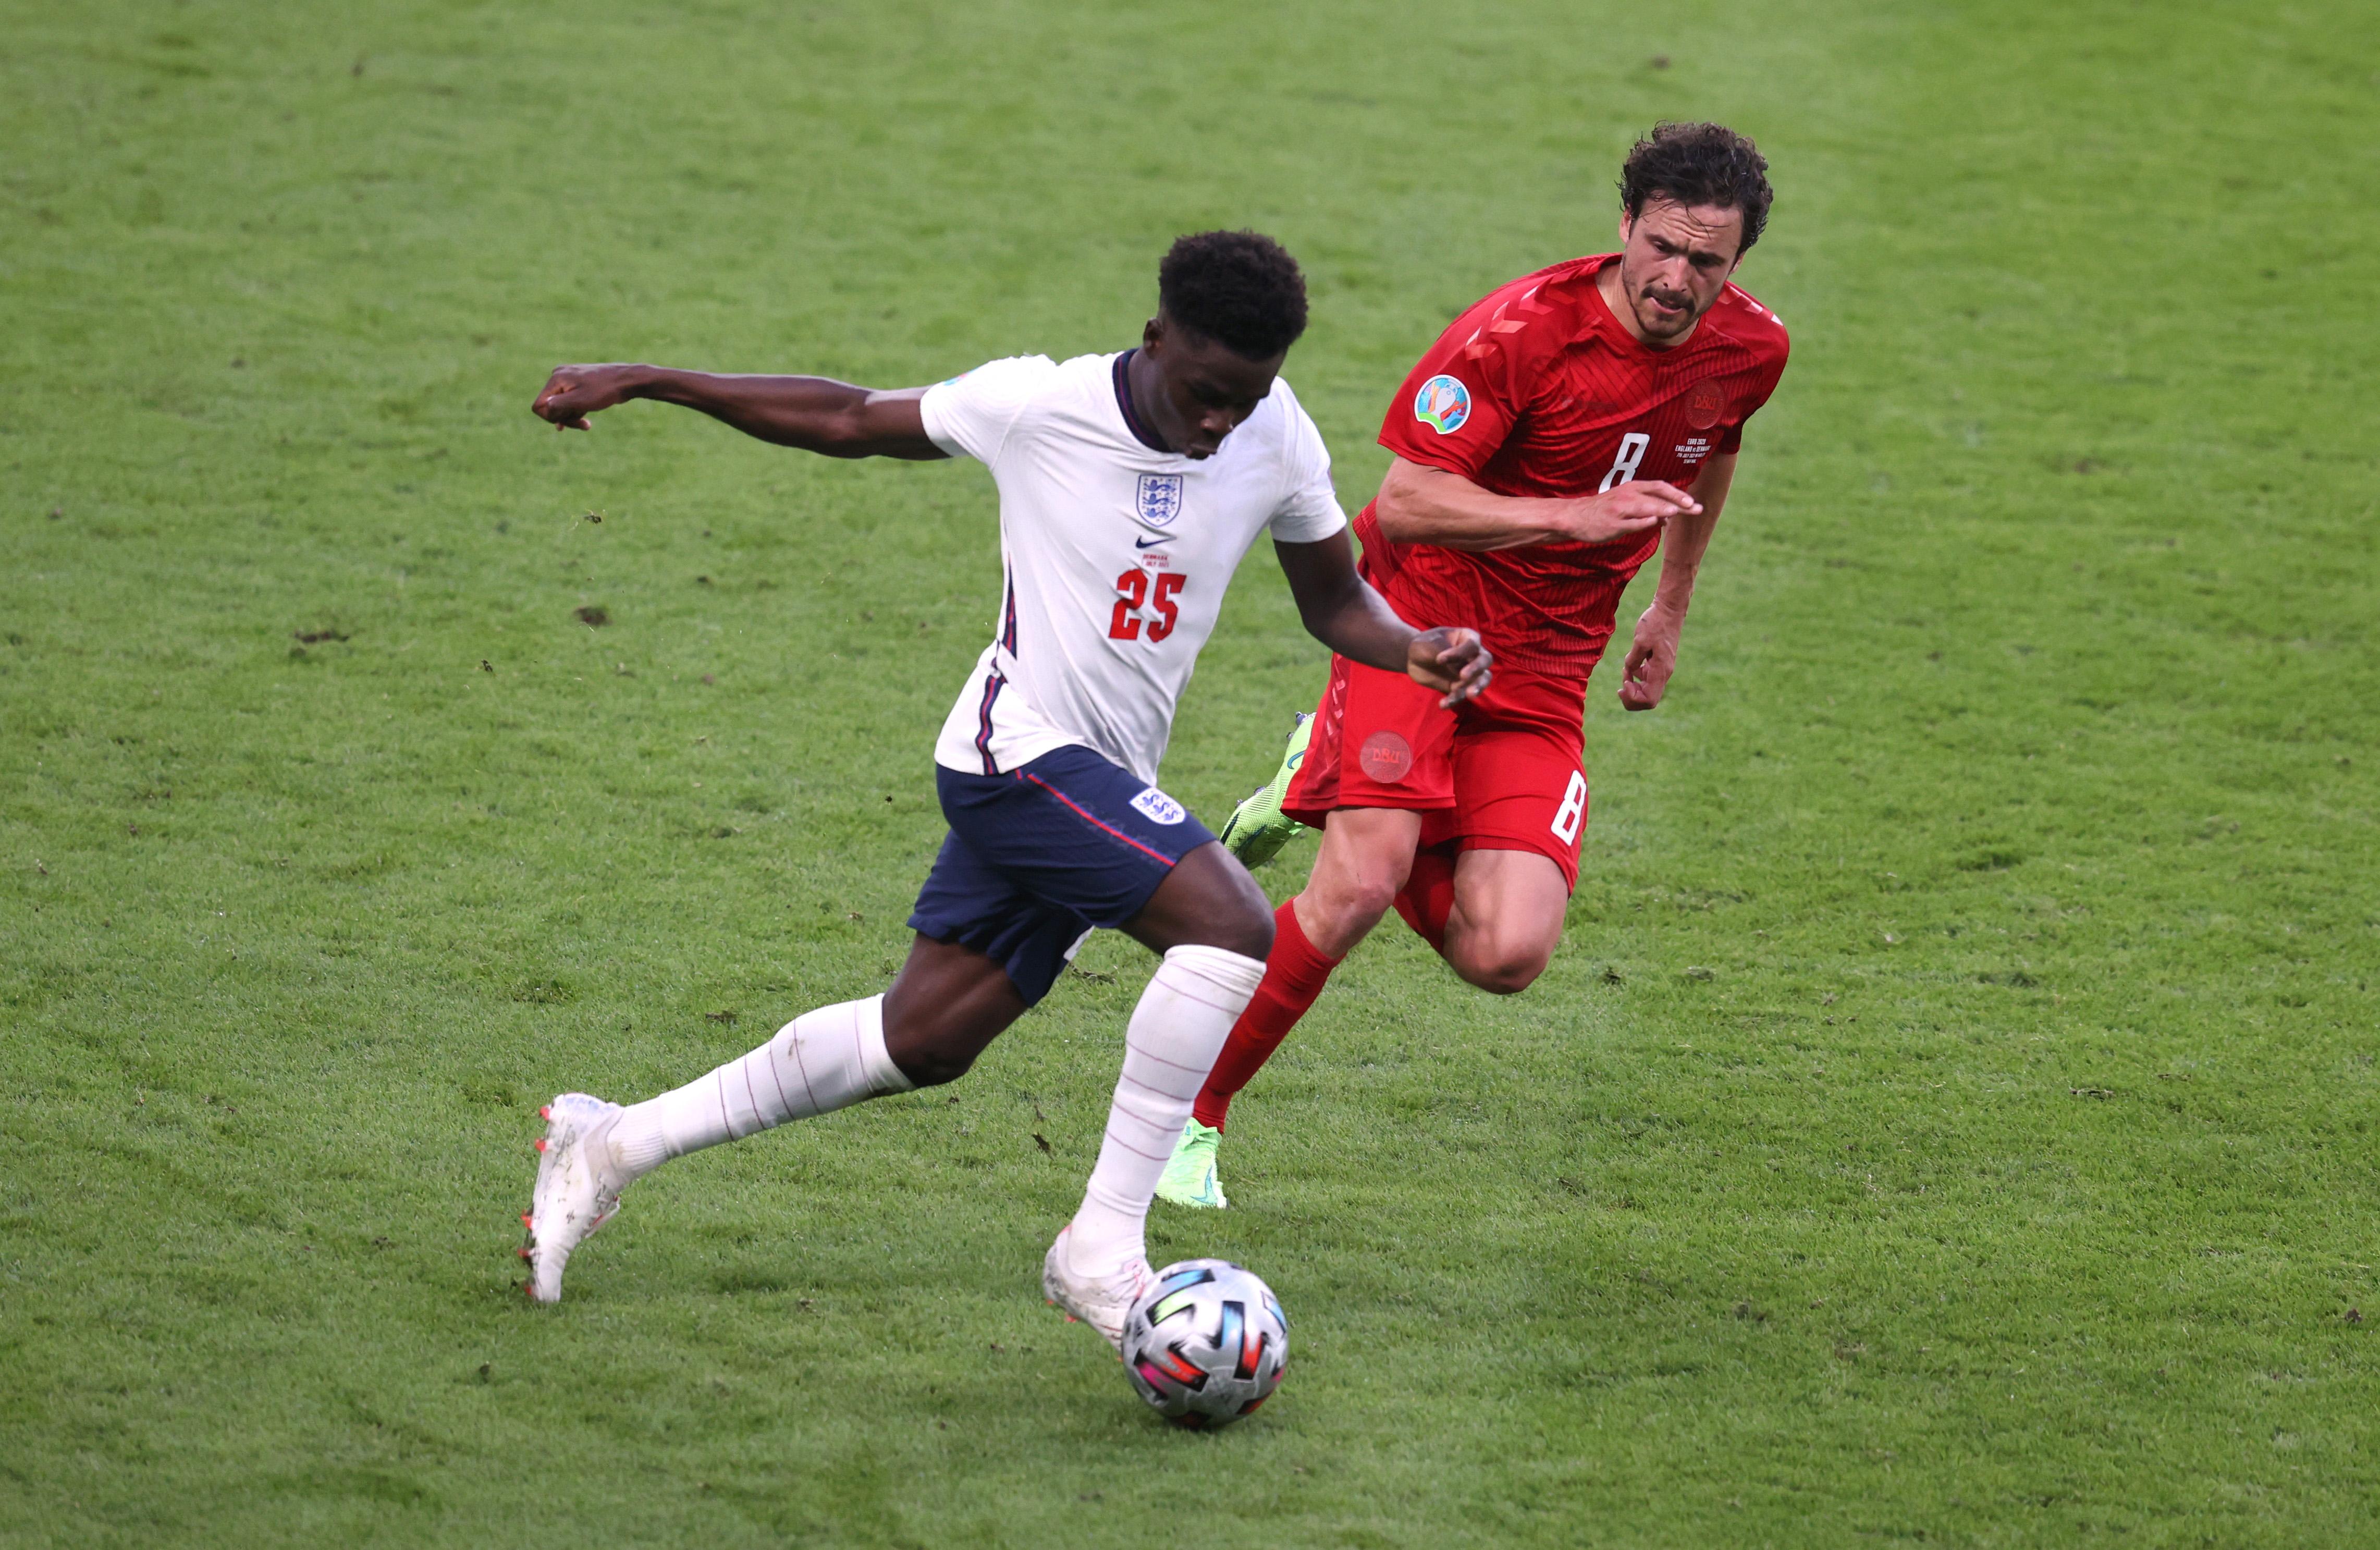 Bukayo Saka playing for England against Denmark.